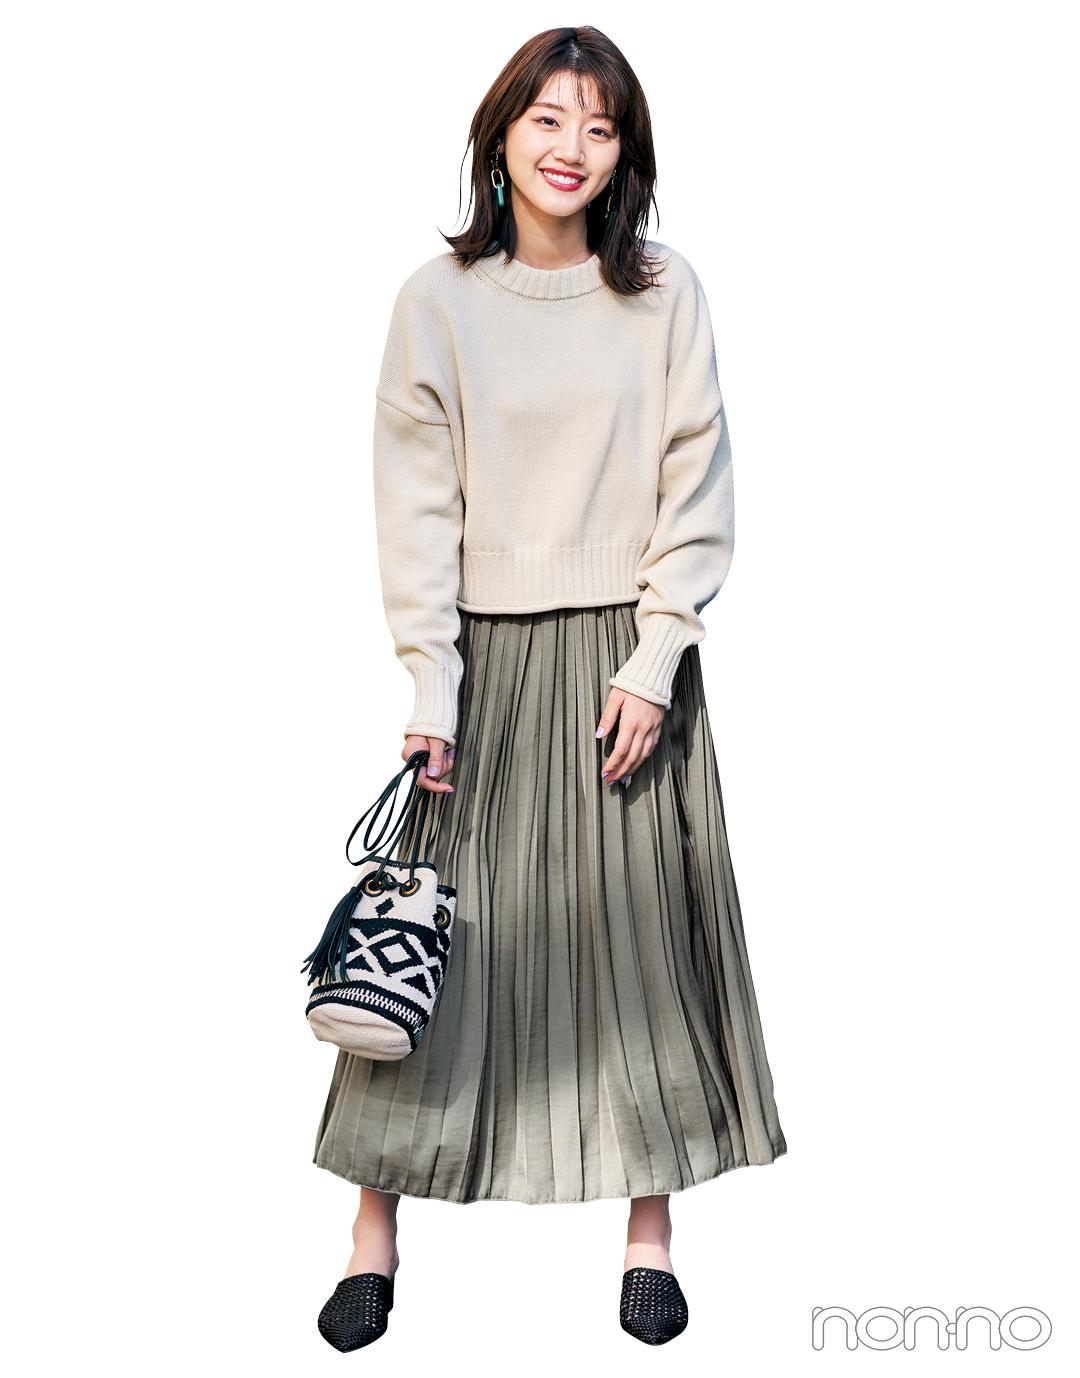 【大学生のための着倒しアイテム】スカートはこの素材感で今っぽく♡ _1_8